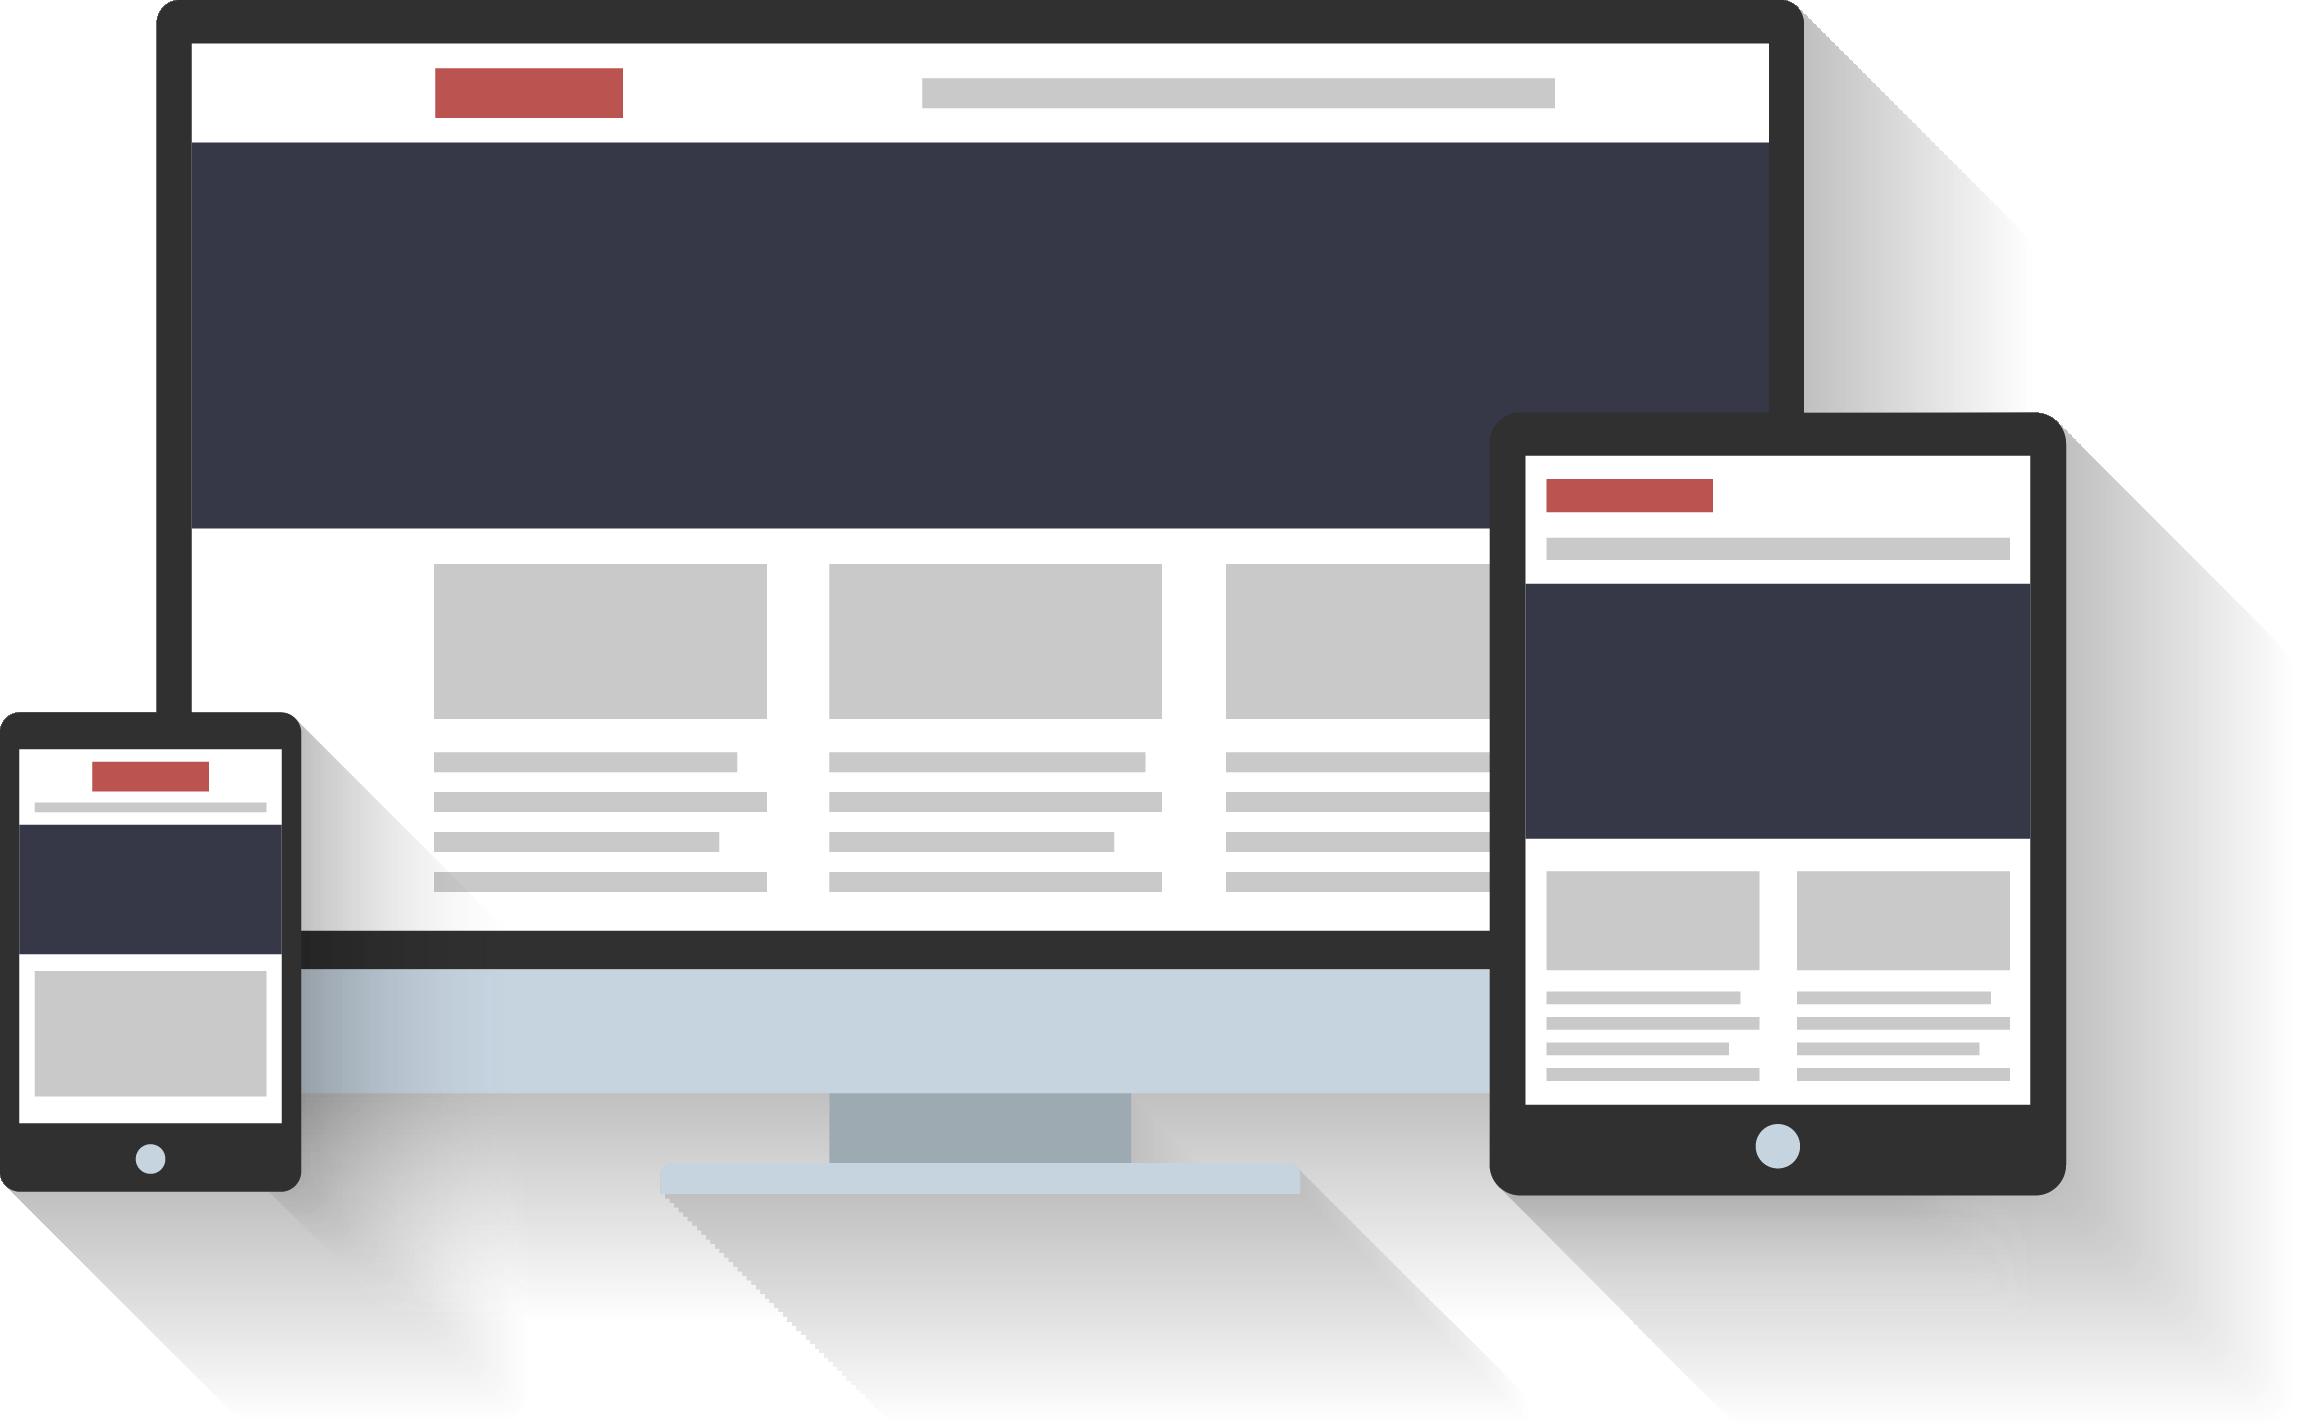 realizzazione siti internet a valdobbiadene servizi web marketing 3dprestige